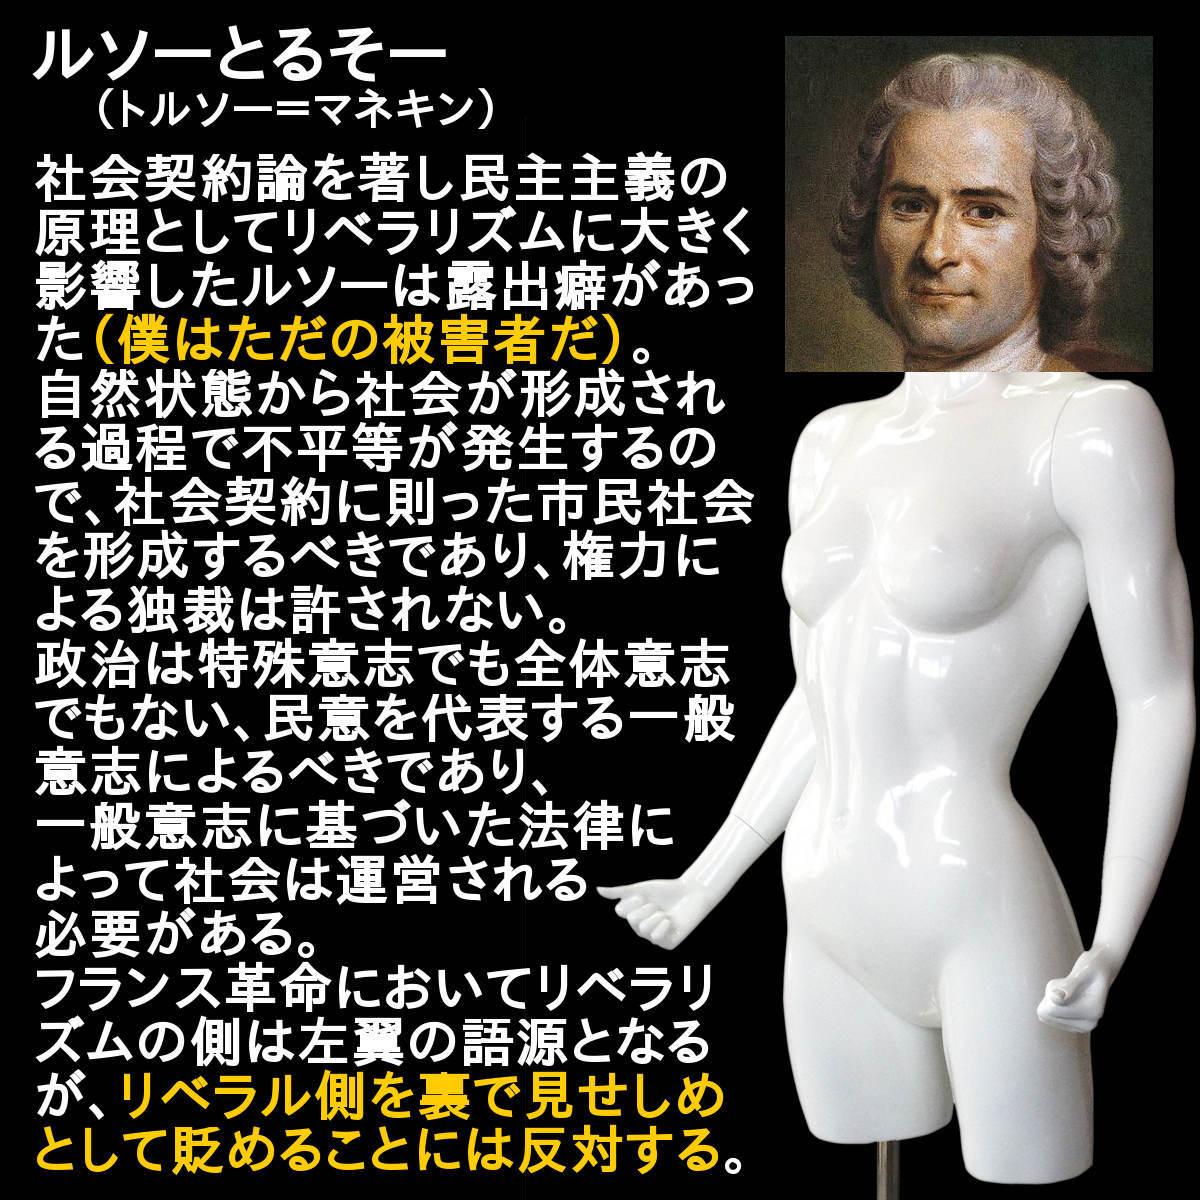 写真【ルソーとるそー/Rousseau-torso.jpg】